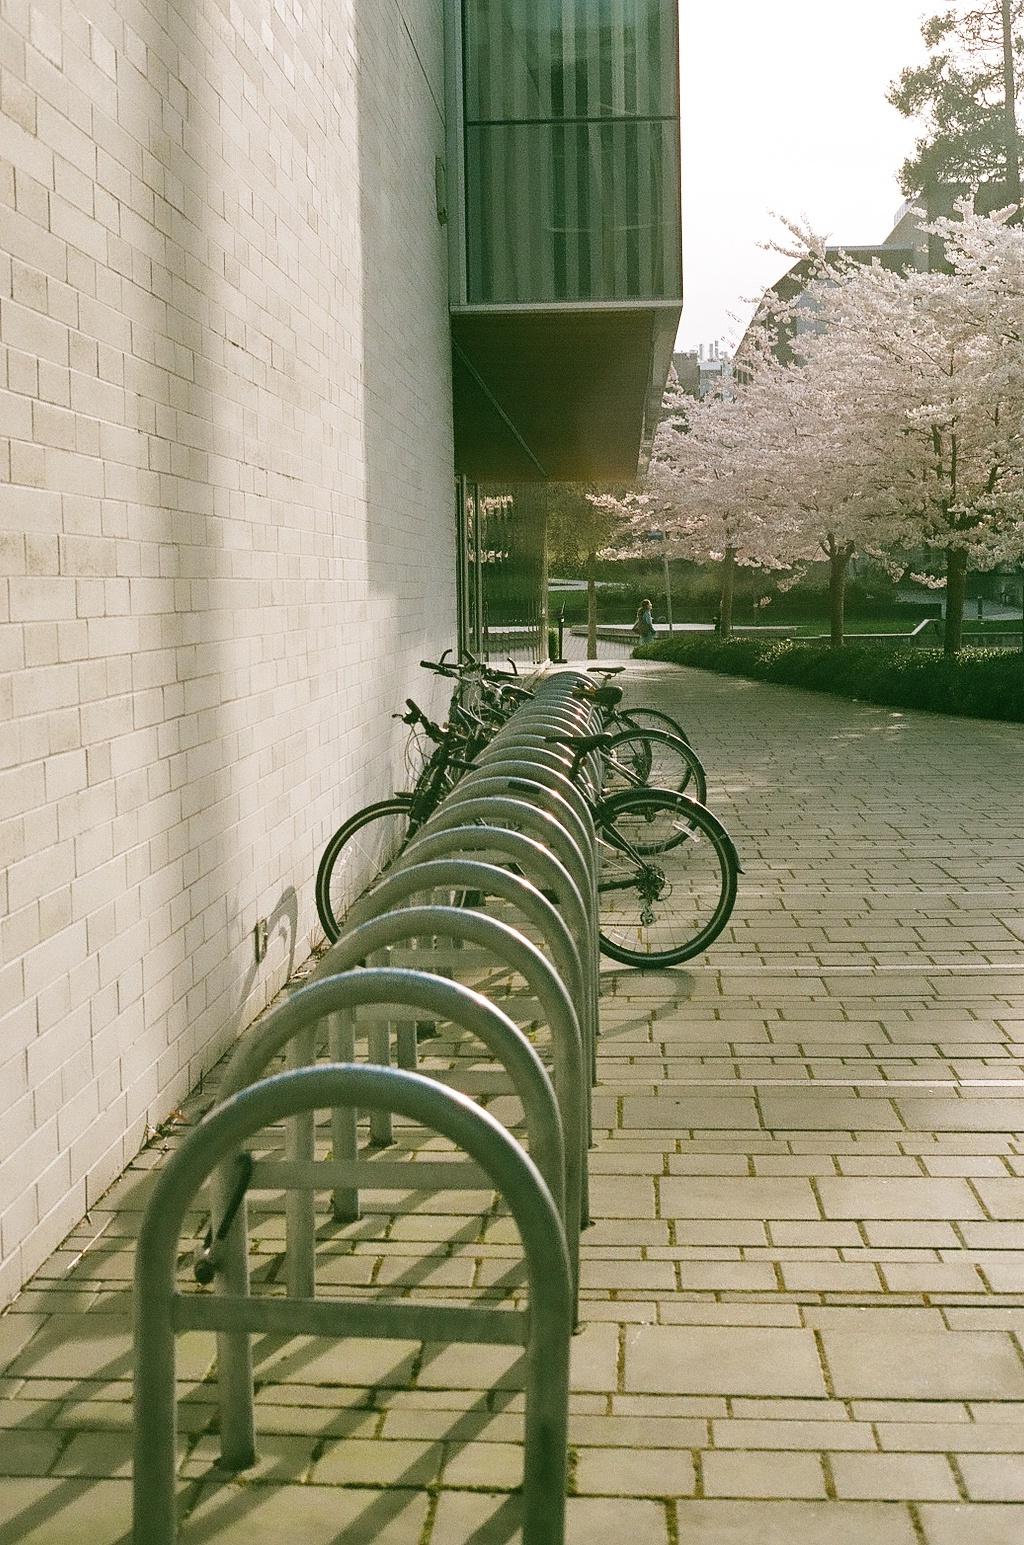 Robert H. Lee Alumni Centre bike racks